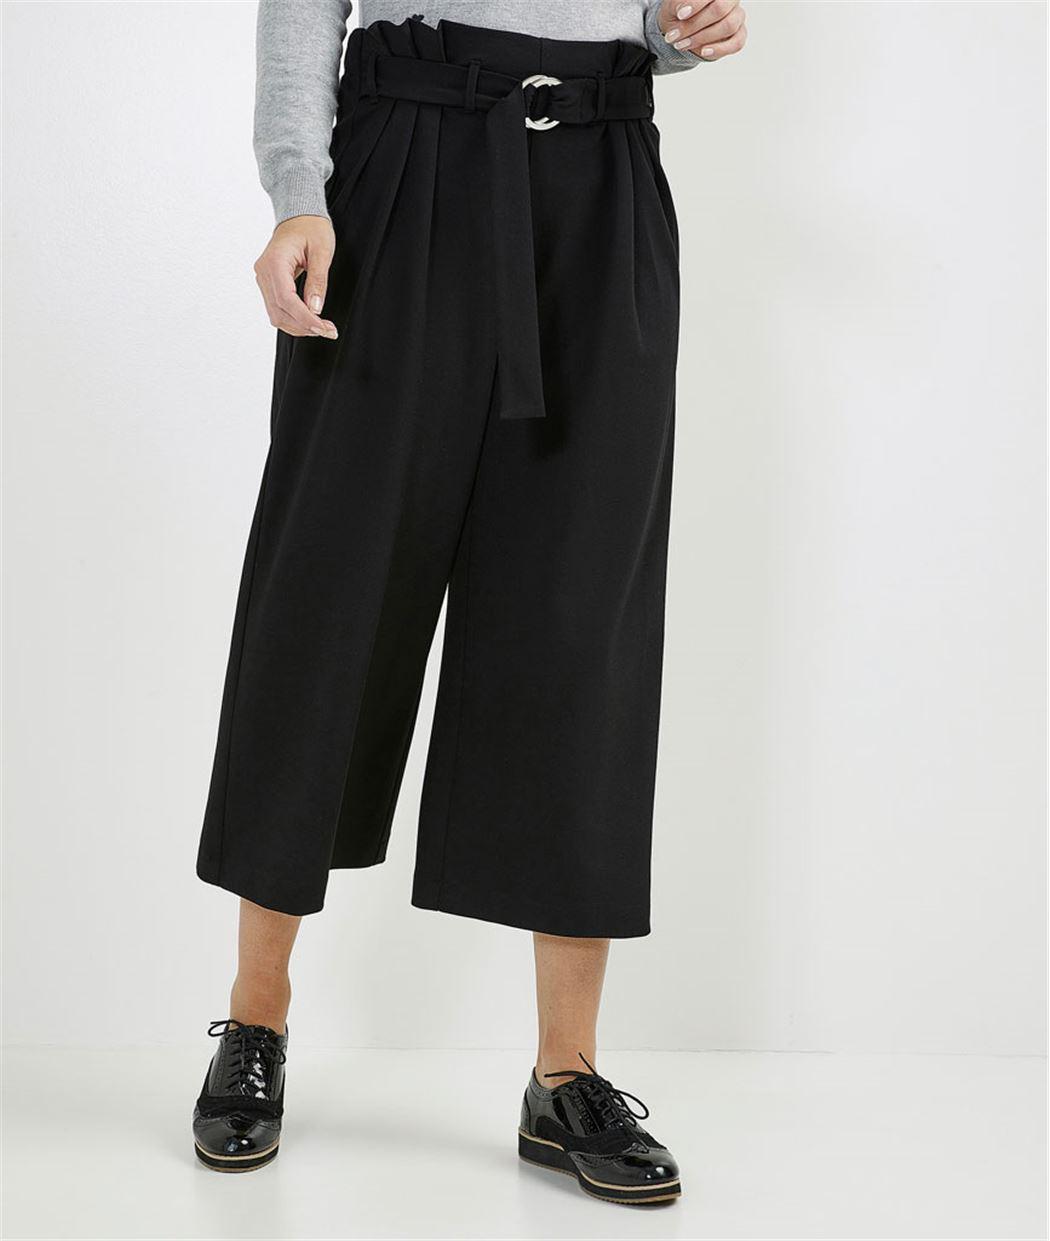 Pantalon femme large paper bag NOIR